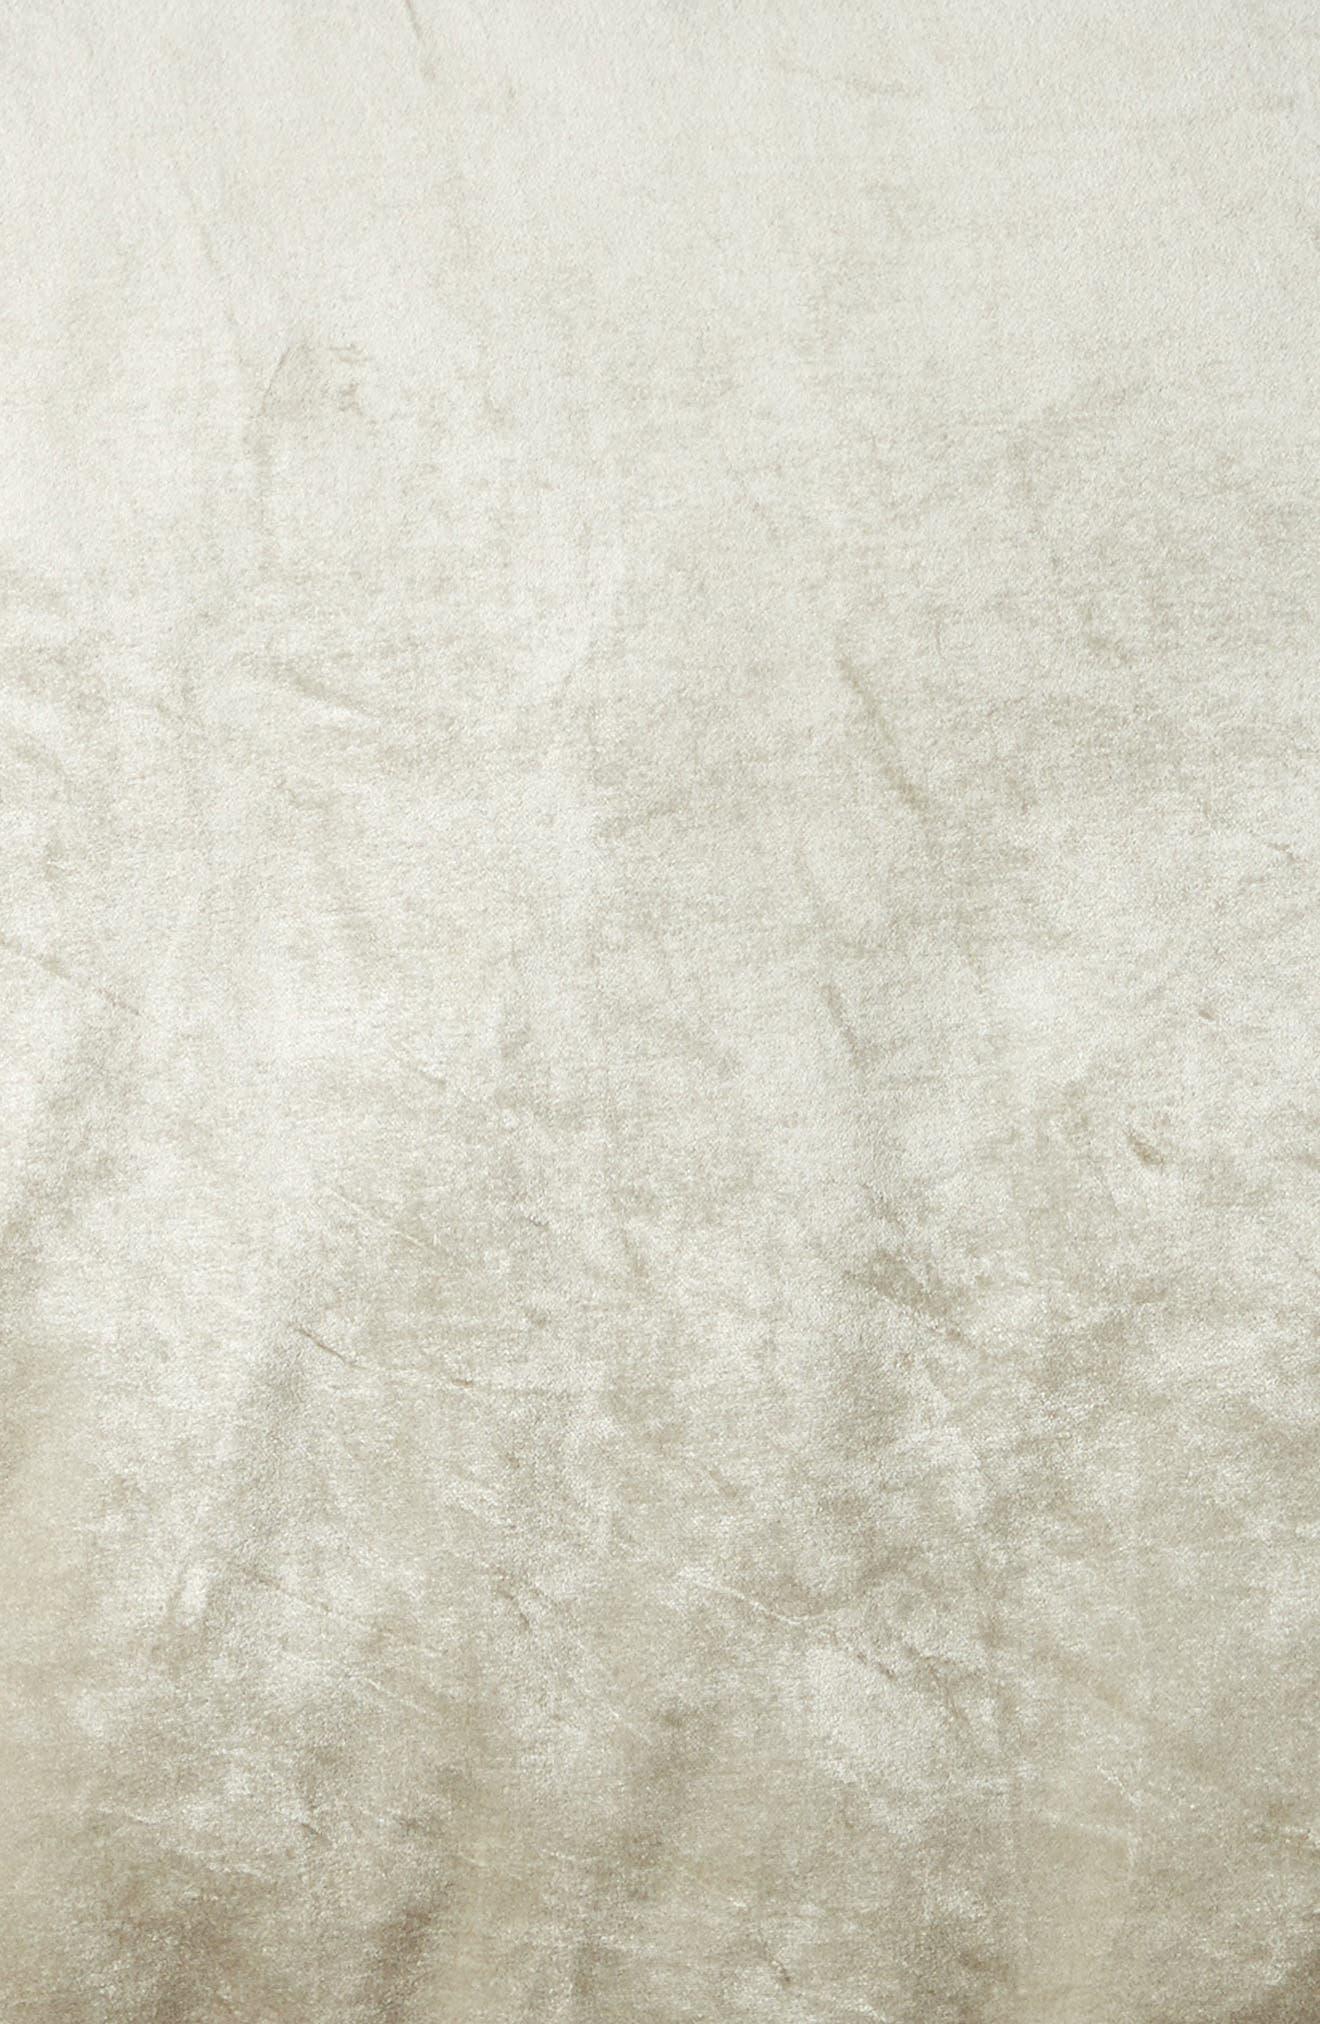 Shimmer Velvet Duvet Cover,                             Alternate thumbnail 2, color,                             GREY OPAL